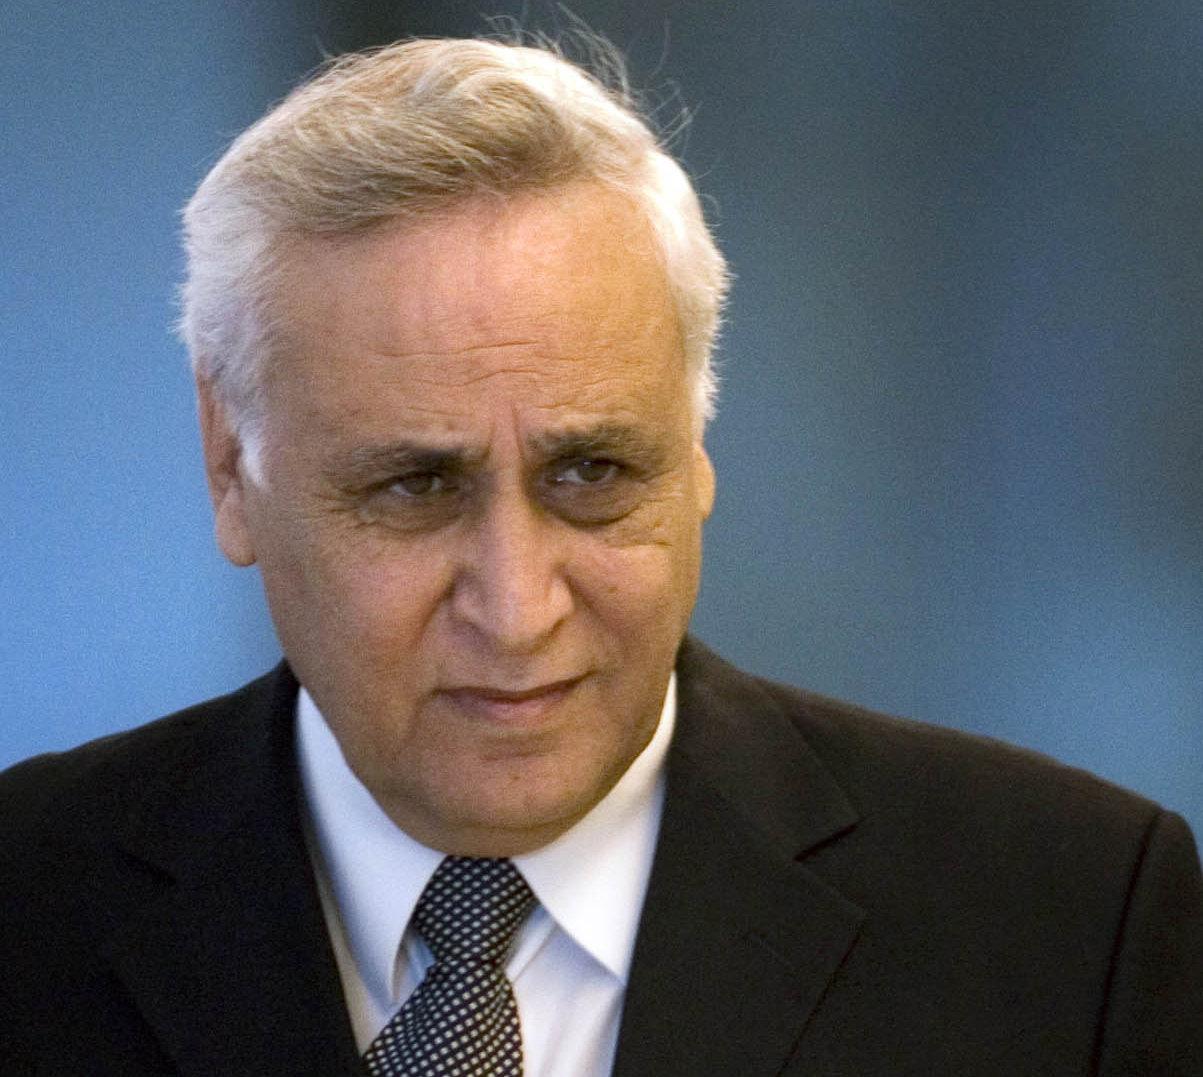 Moshé Katsav, condamné pour viol, réclame une liberté anticipée- Archive Site de la chaîne AlManar - Liban